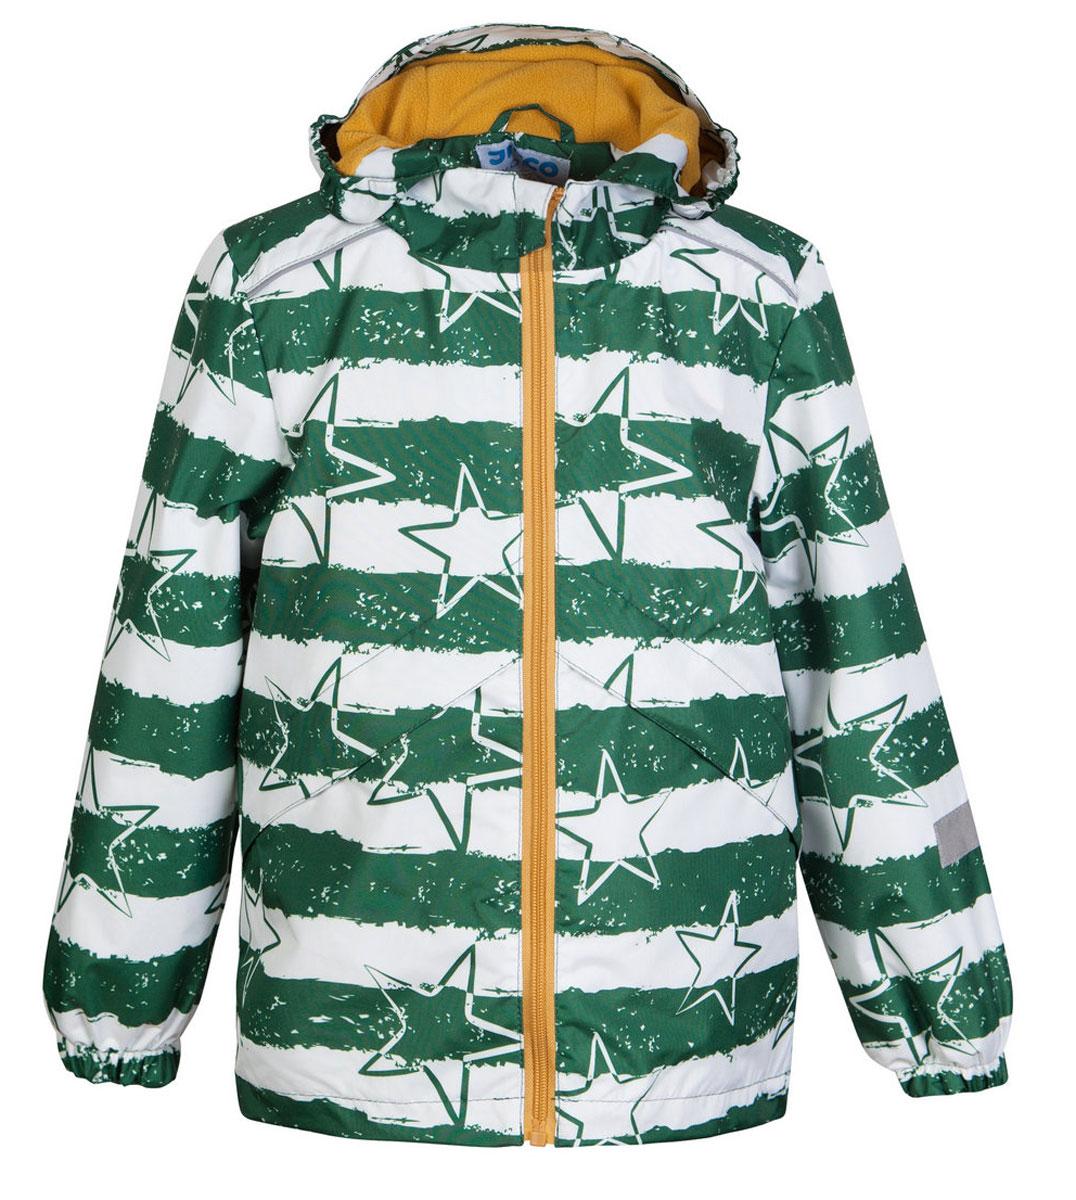 Ветровка3К1720Легкая весенняя ветровка от Jicco By Oldos из принтованной курточной ткани станет украшением весеннего гардероба! Такая курточка идеально подойдет на ветреную погоду с температурой +10…+20 С, защитит от легкого весеннего дождика и переменчивого ветра. Флисовая подкладка на грудке, спинке и в капюшоне. Внутренняя ветрозащитная планка с защитой подбородка от прищемления; капюшон не отстегивается, для лучшего прилегания по бокам вшита резинка; манжеты на резинке; регулируемая утяжка по низу. Ветровка оснащена светоотражающими элементами и карманами на молнии.